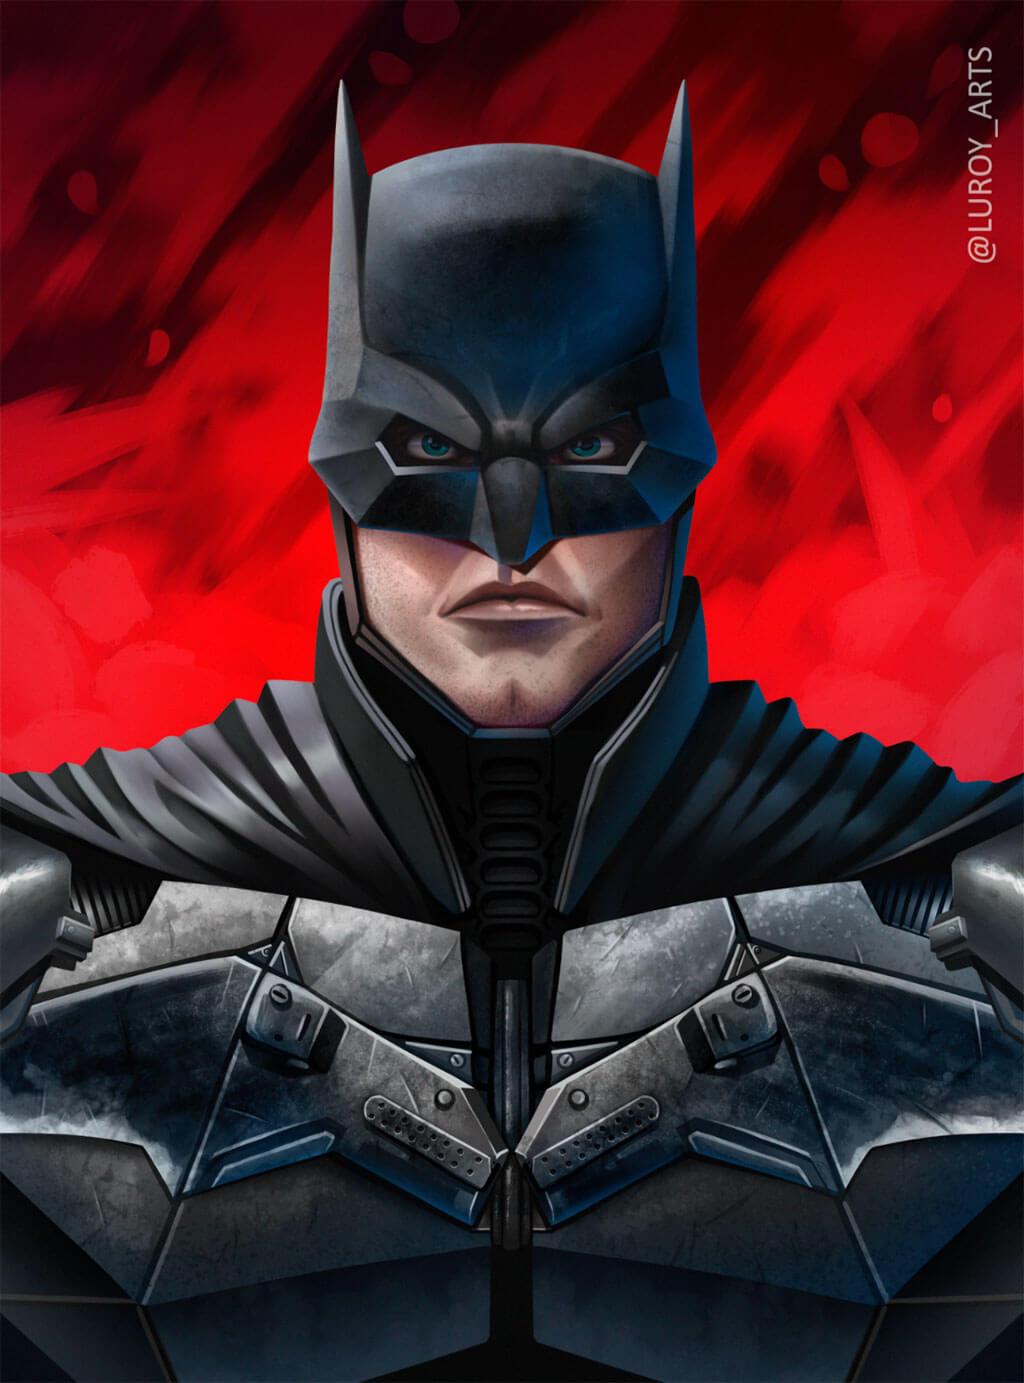 Batman Fan Art by Luis Fernando (Luroy)